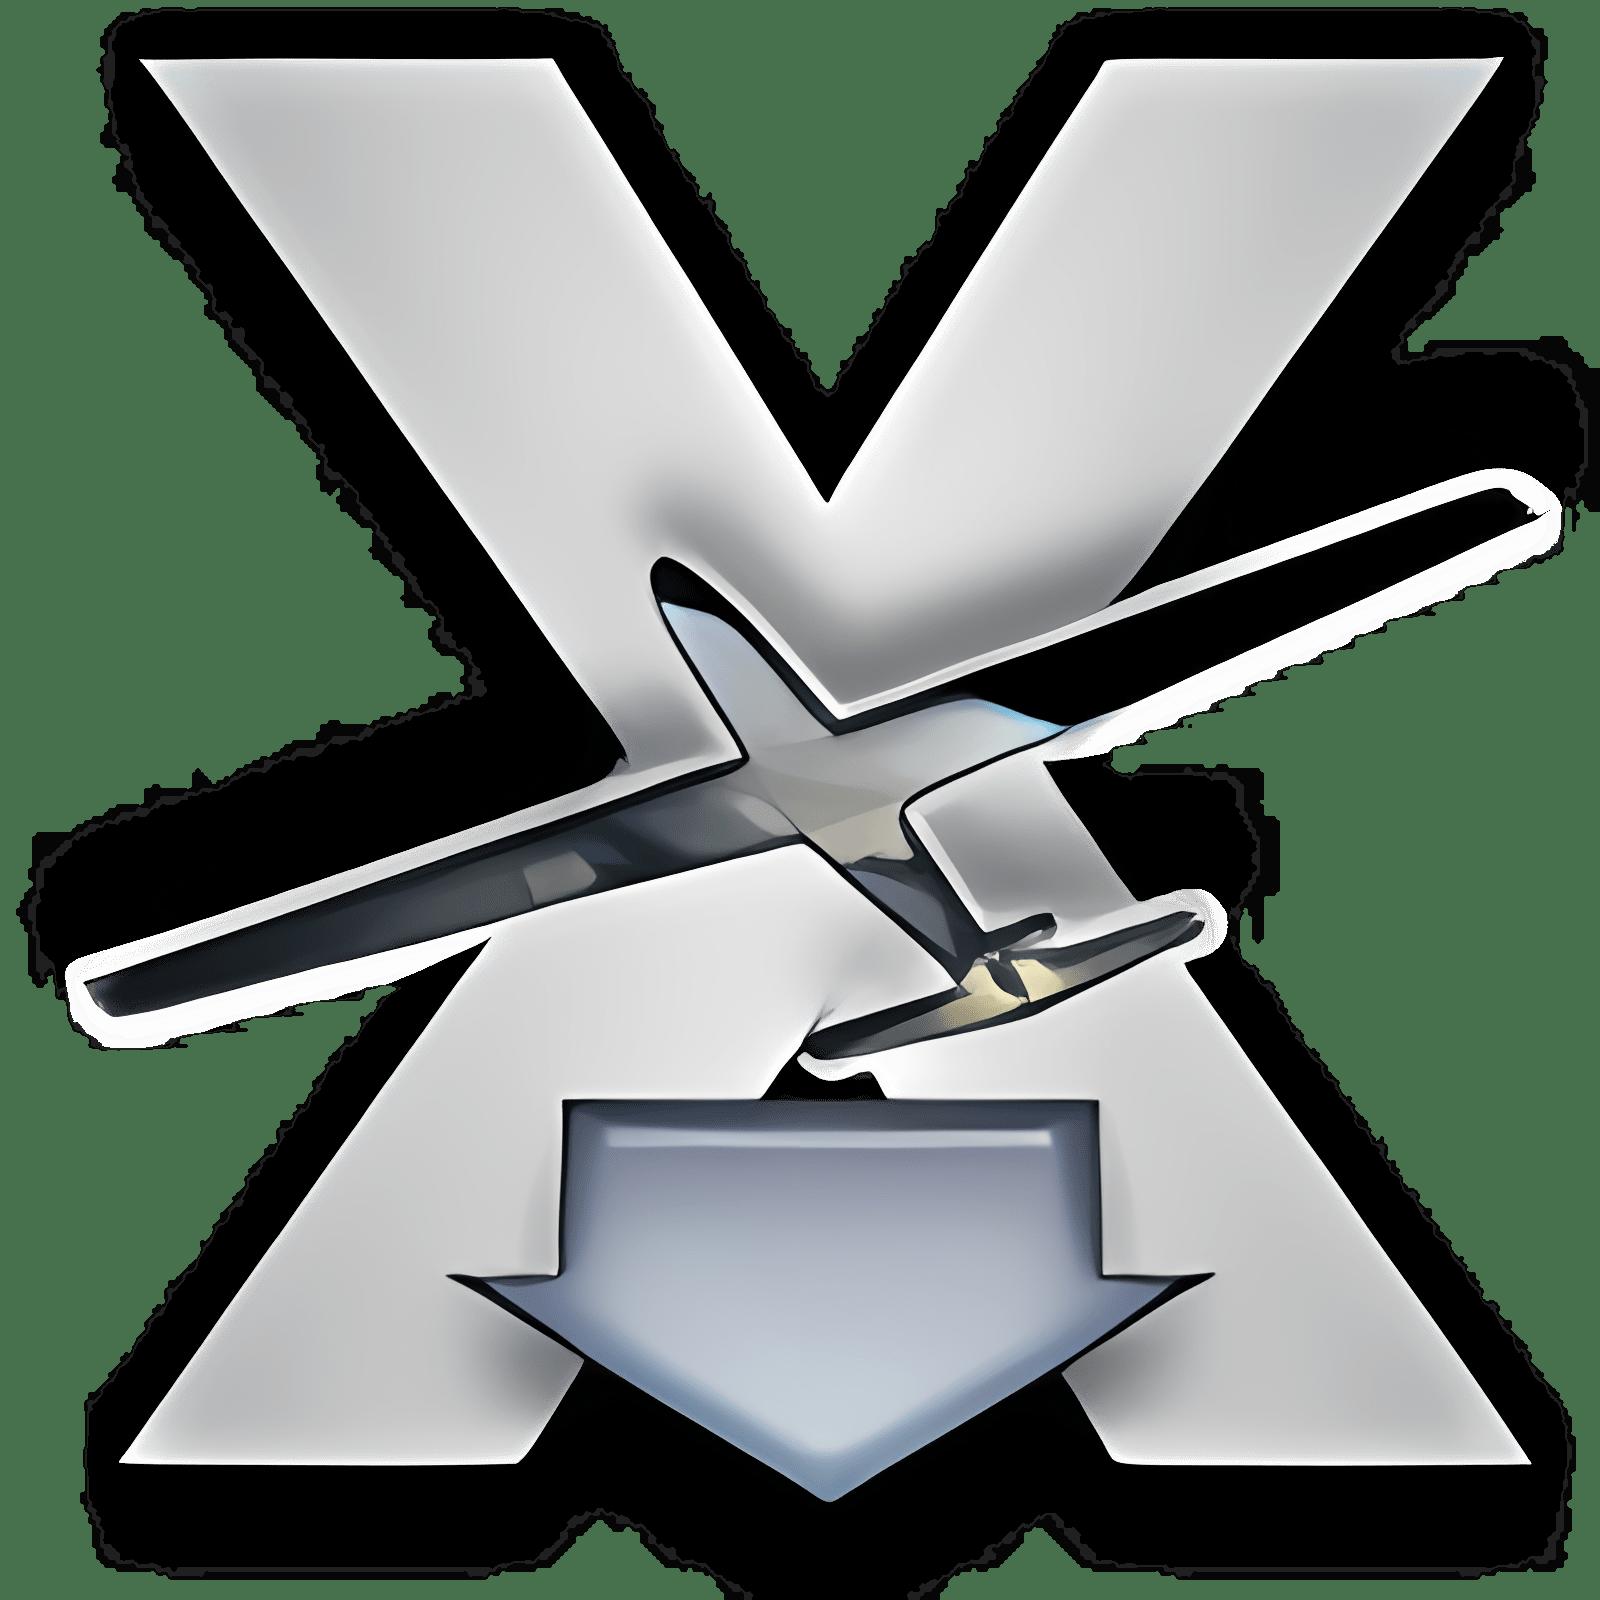 X-Plane 9.62